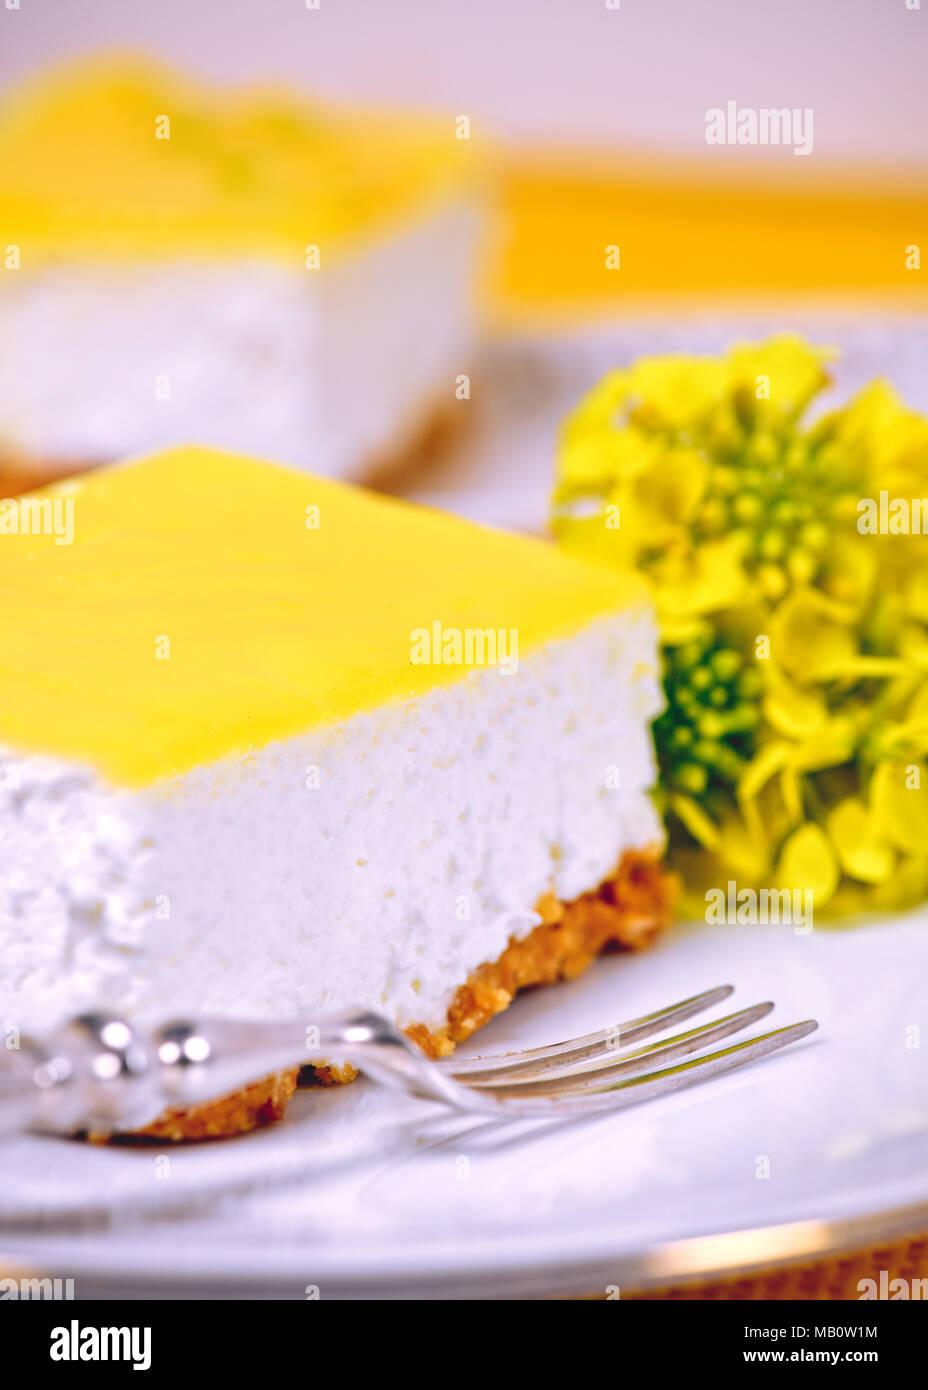 Rodaja de limón mousse blanca en un lugar con una horquilla de plata y flores amarillas bokeh de fondo ad a espacio de copia Imagen De Stock